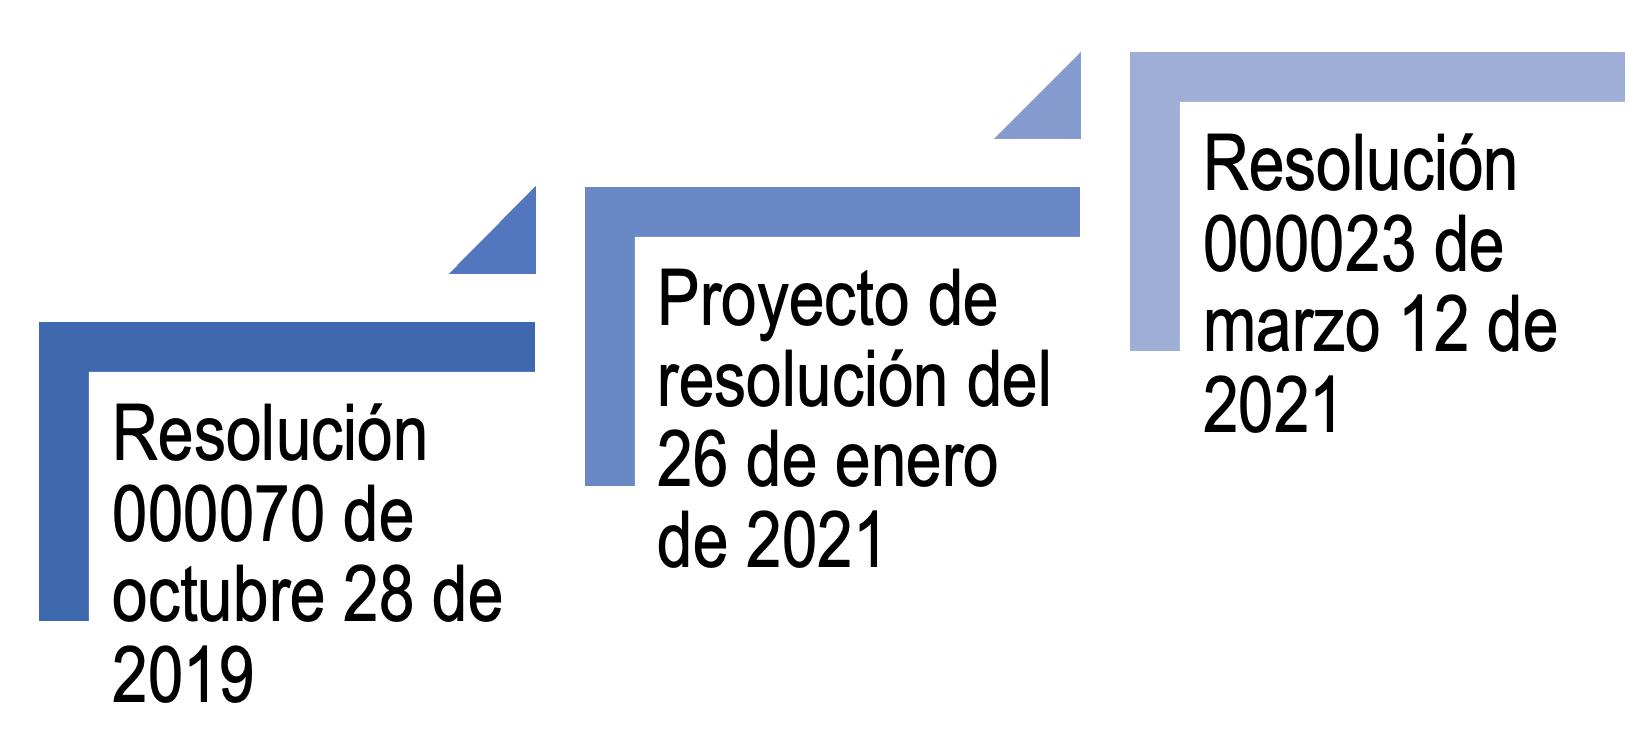 Ruta normativa del reporte de exógena 2020